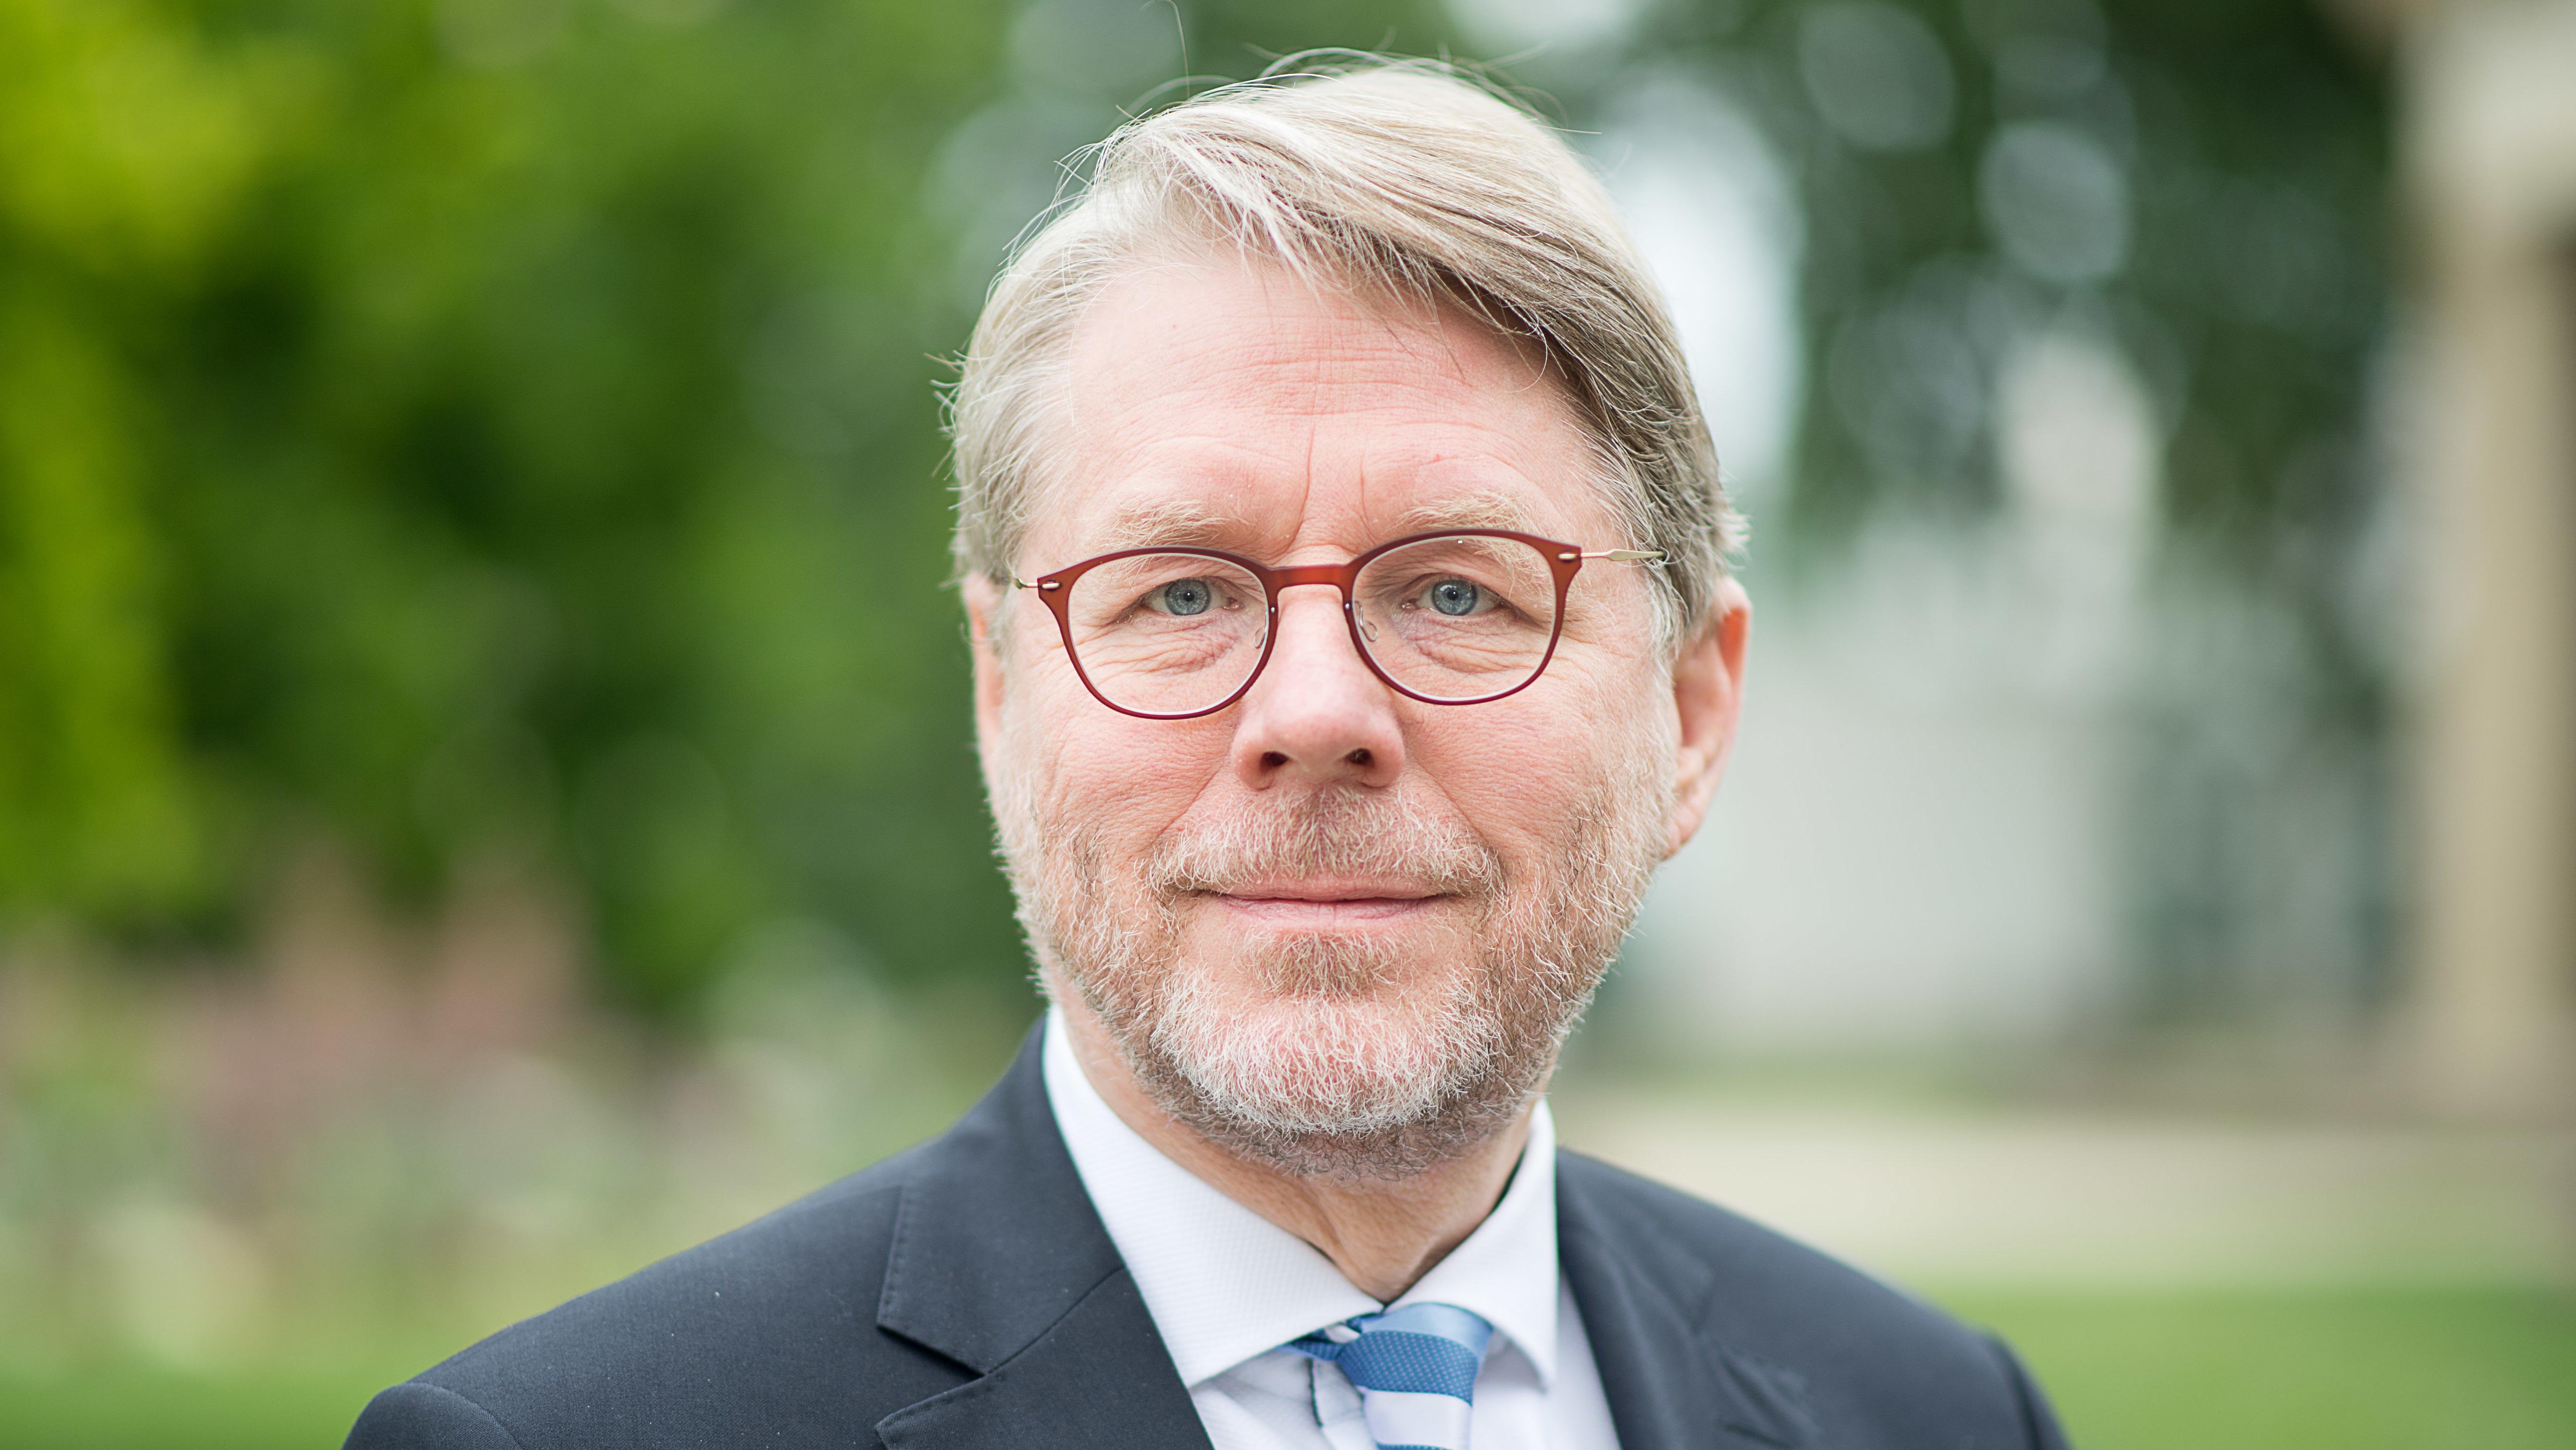 Hans-Eckard Sommer, Präsident des Bundersamt für Migration und Flüchtlinge